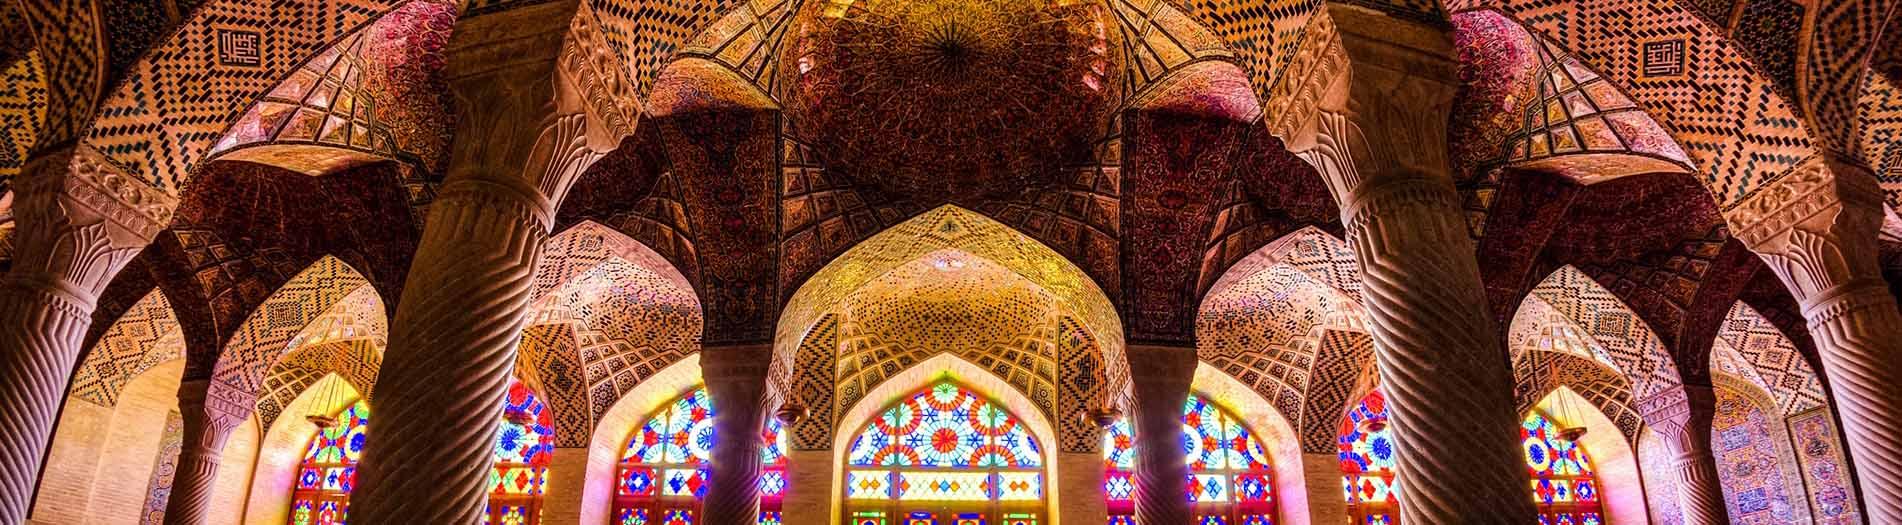 دور الإصلاح العقدي في النهضة الإسلامية